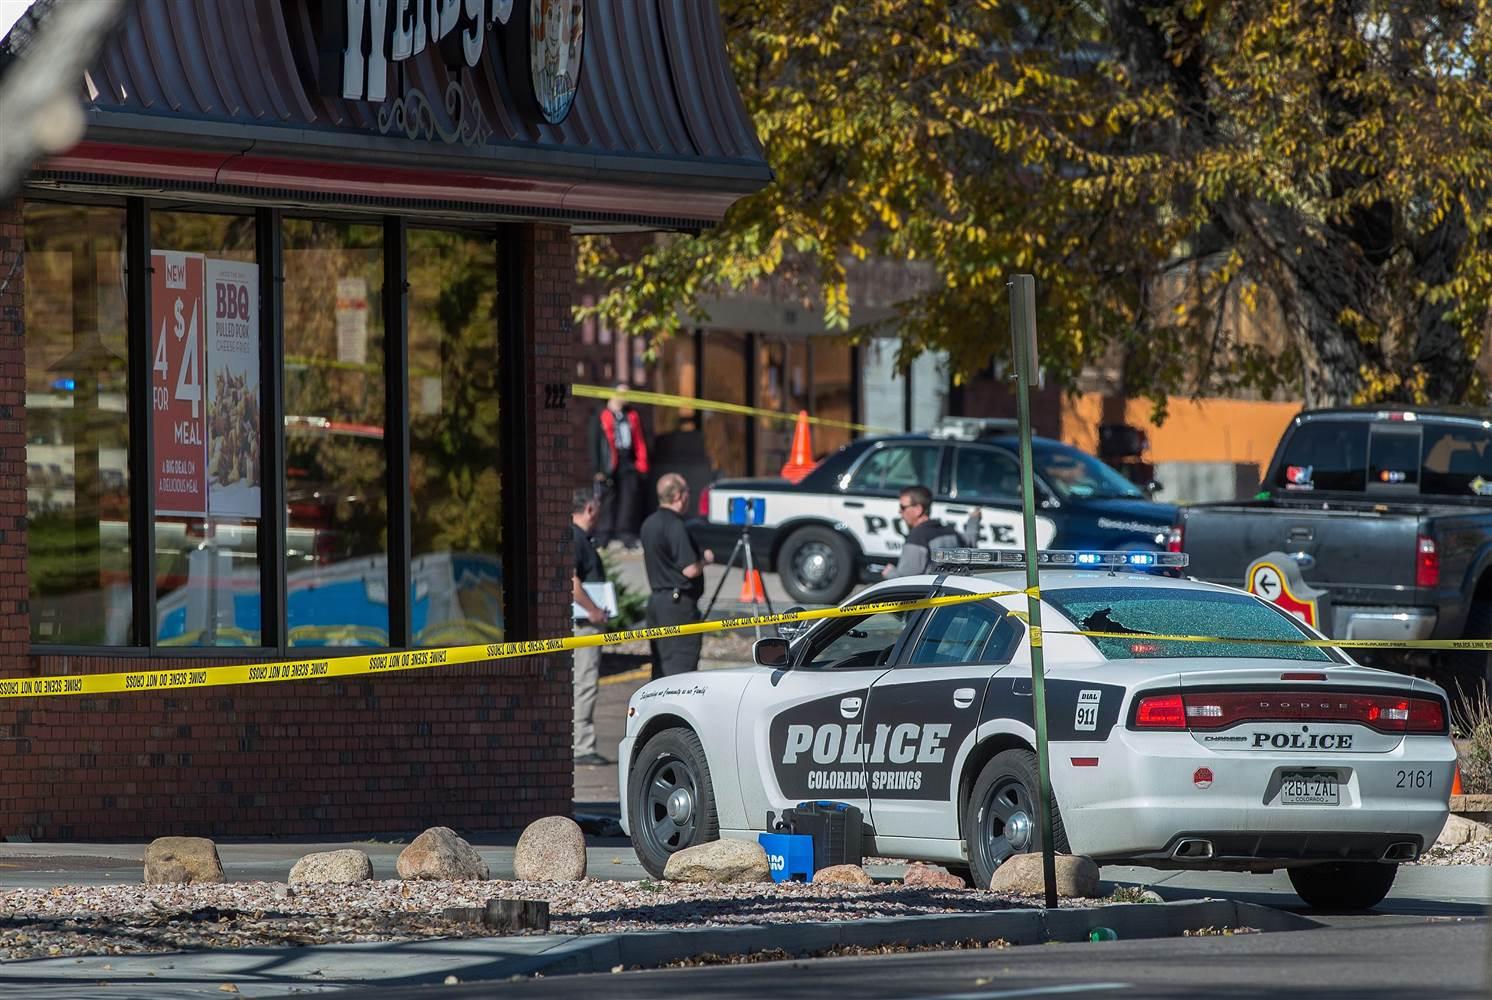 Gericilik, ABD'de saldırdı: 3 kişi öldü